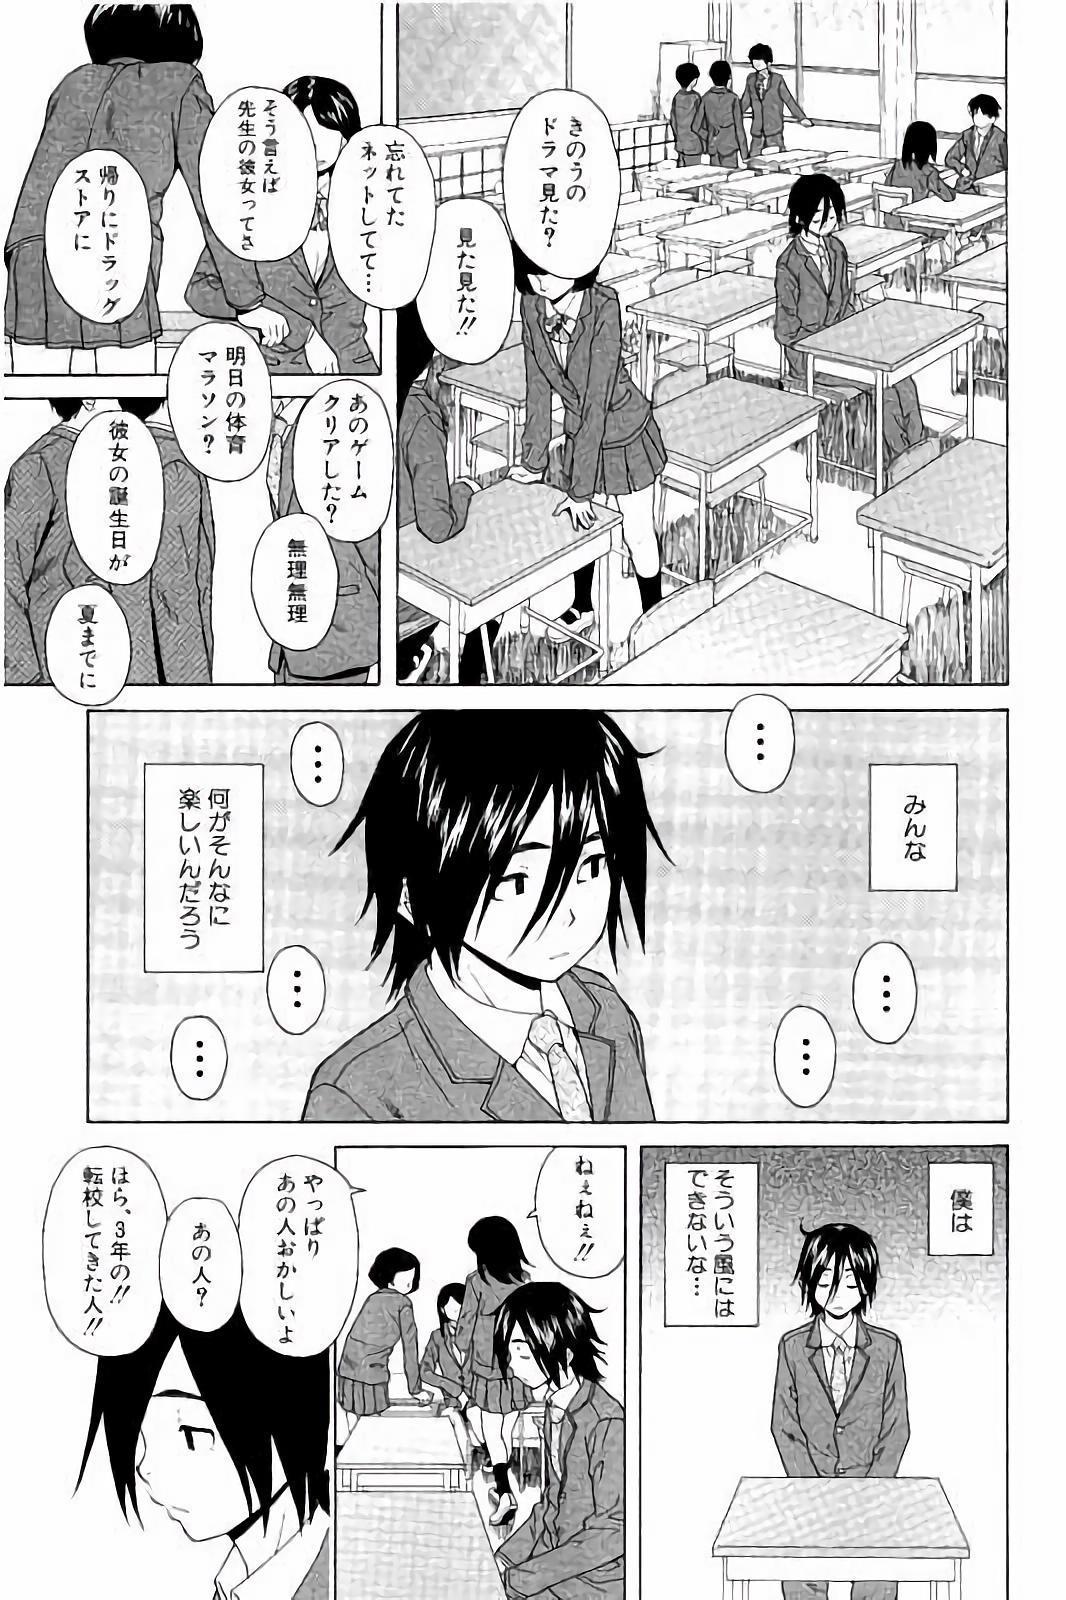 Ane no Himitsu To Boku no Jisatsu 4